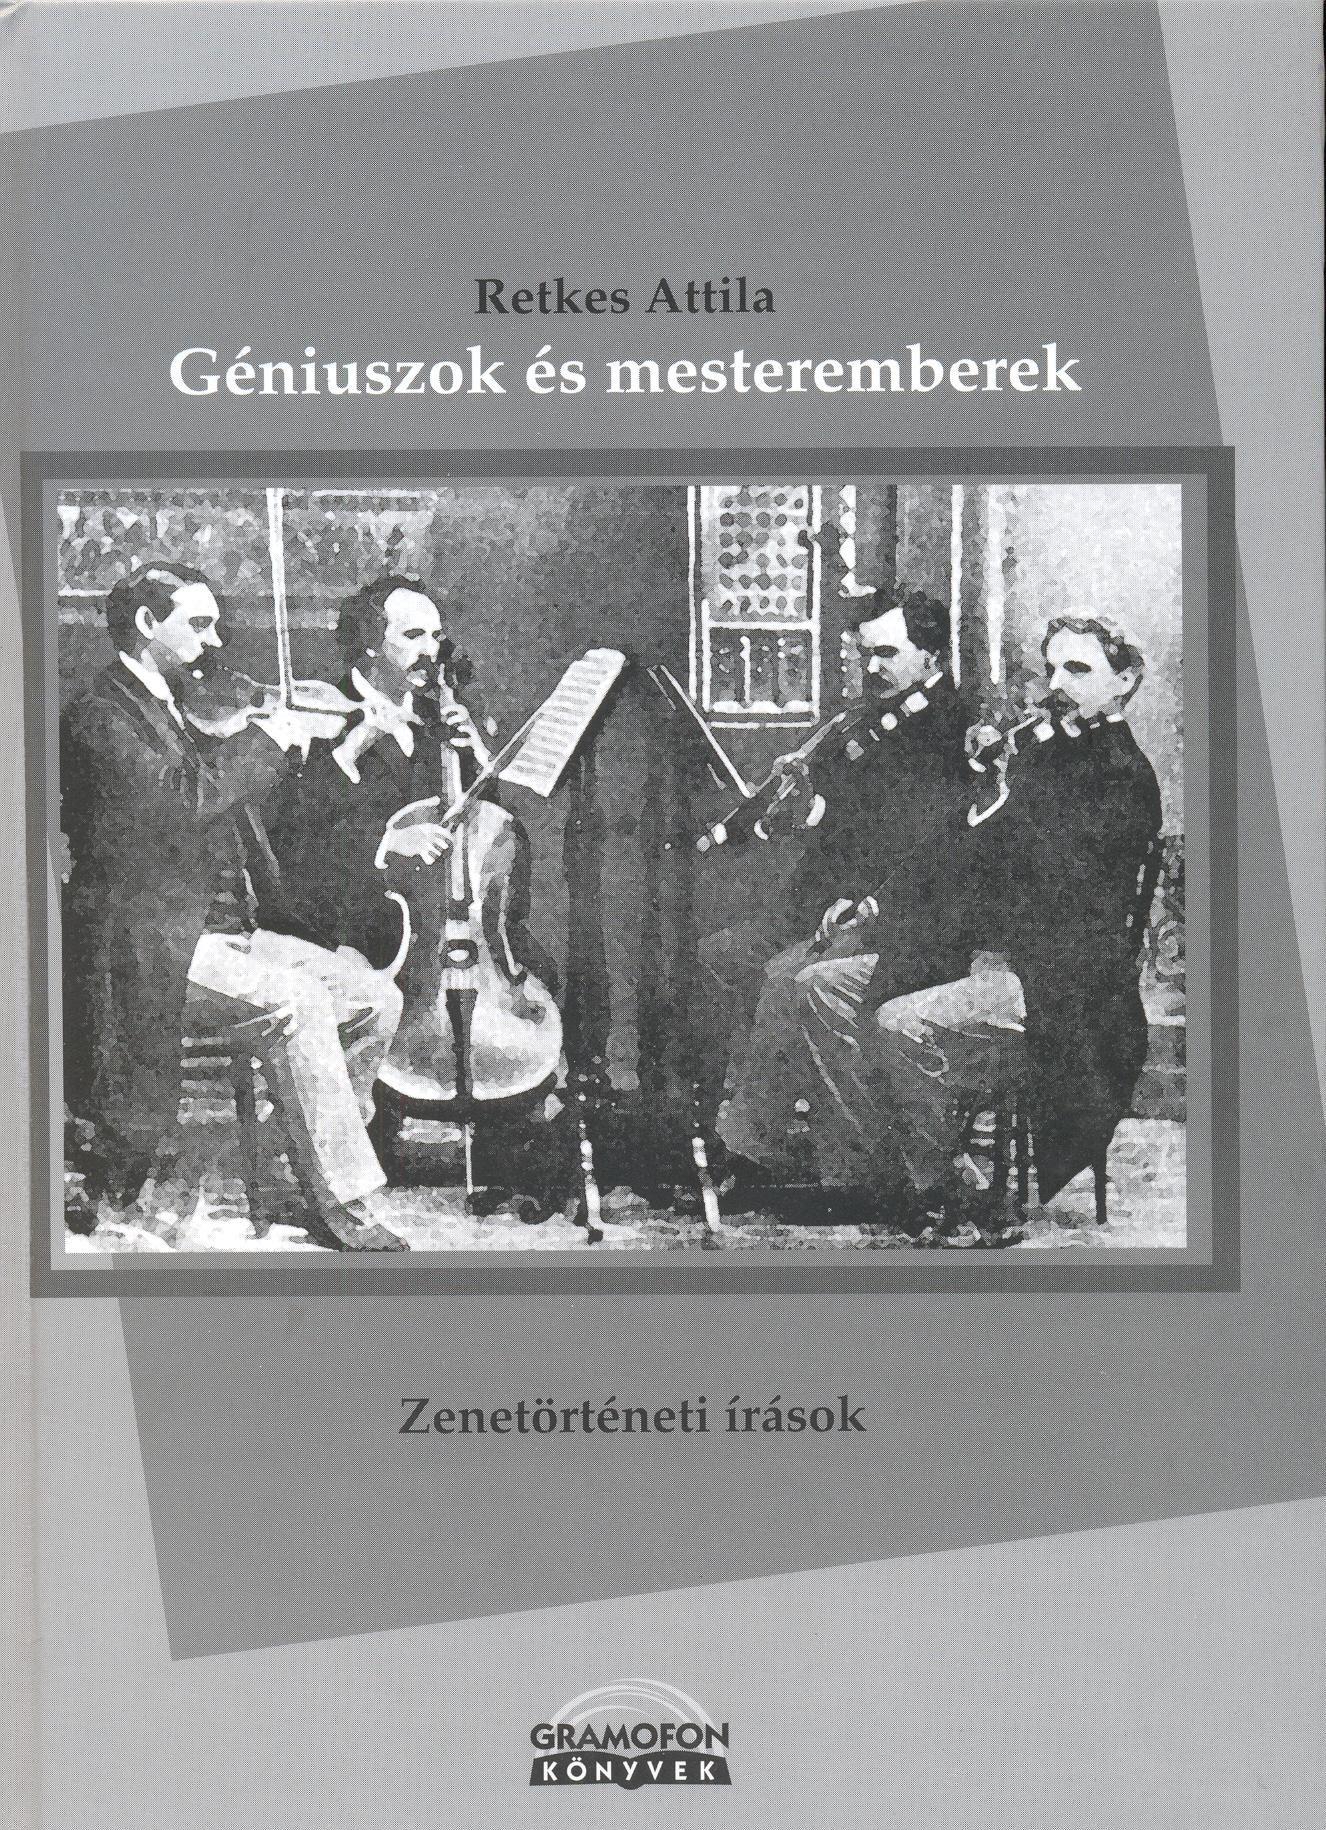 Retkes Attila: Géniuszok és mesteremberek